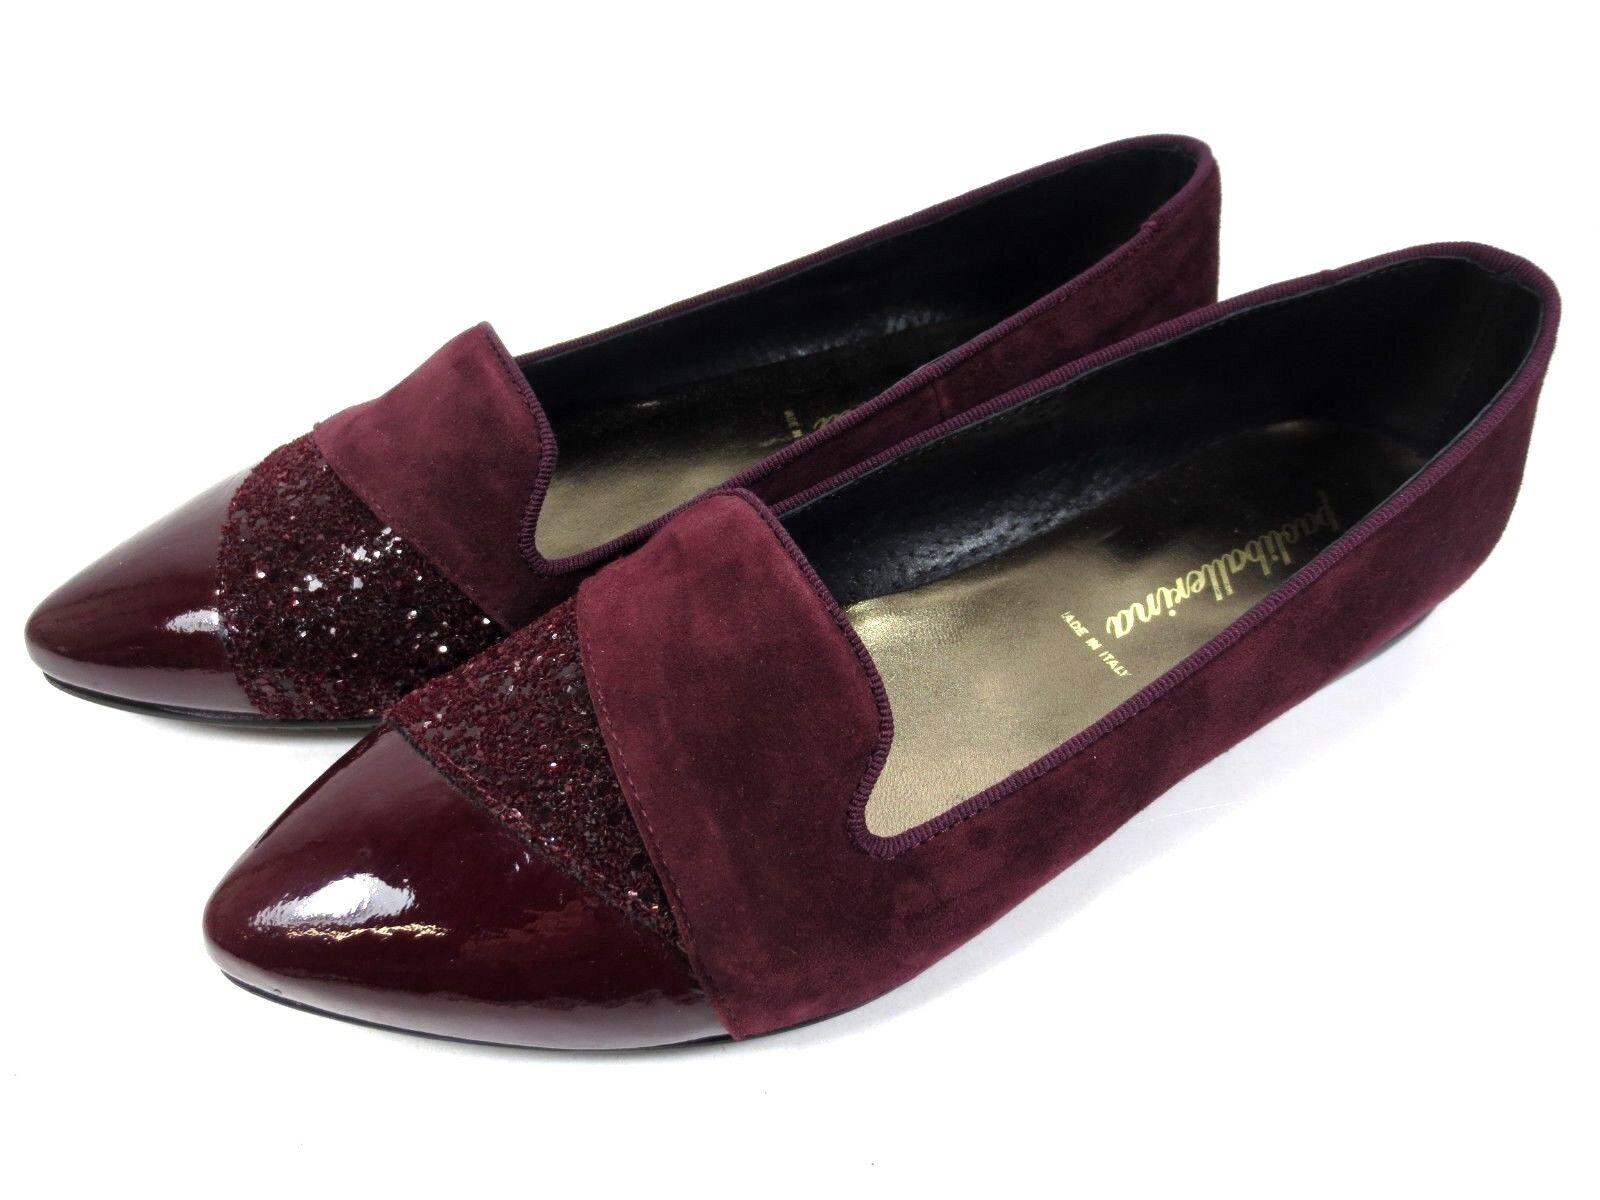 Paoli Ballerina Ital Leather scarpe Lofers Ballerinas Bordeaux  rosso NEW 109,95  sconto online di vendita